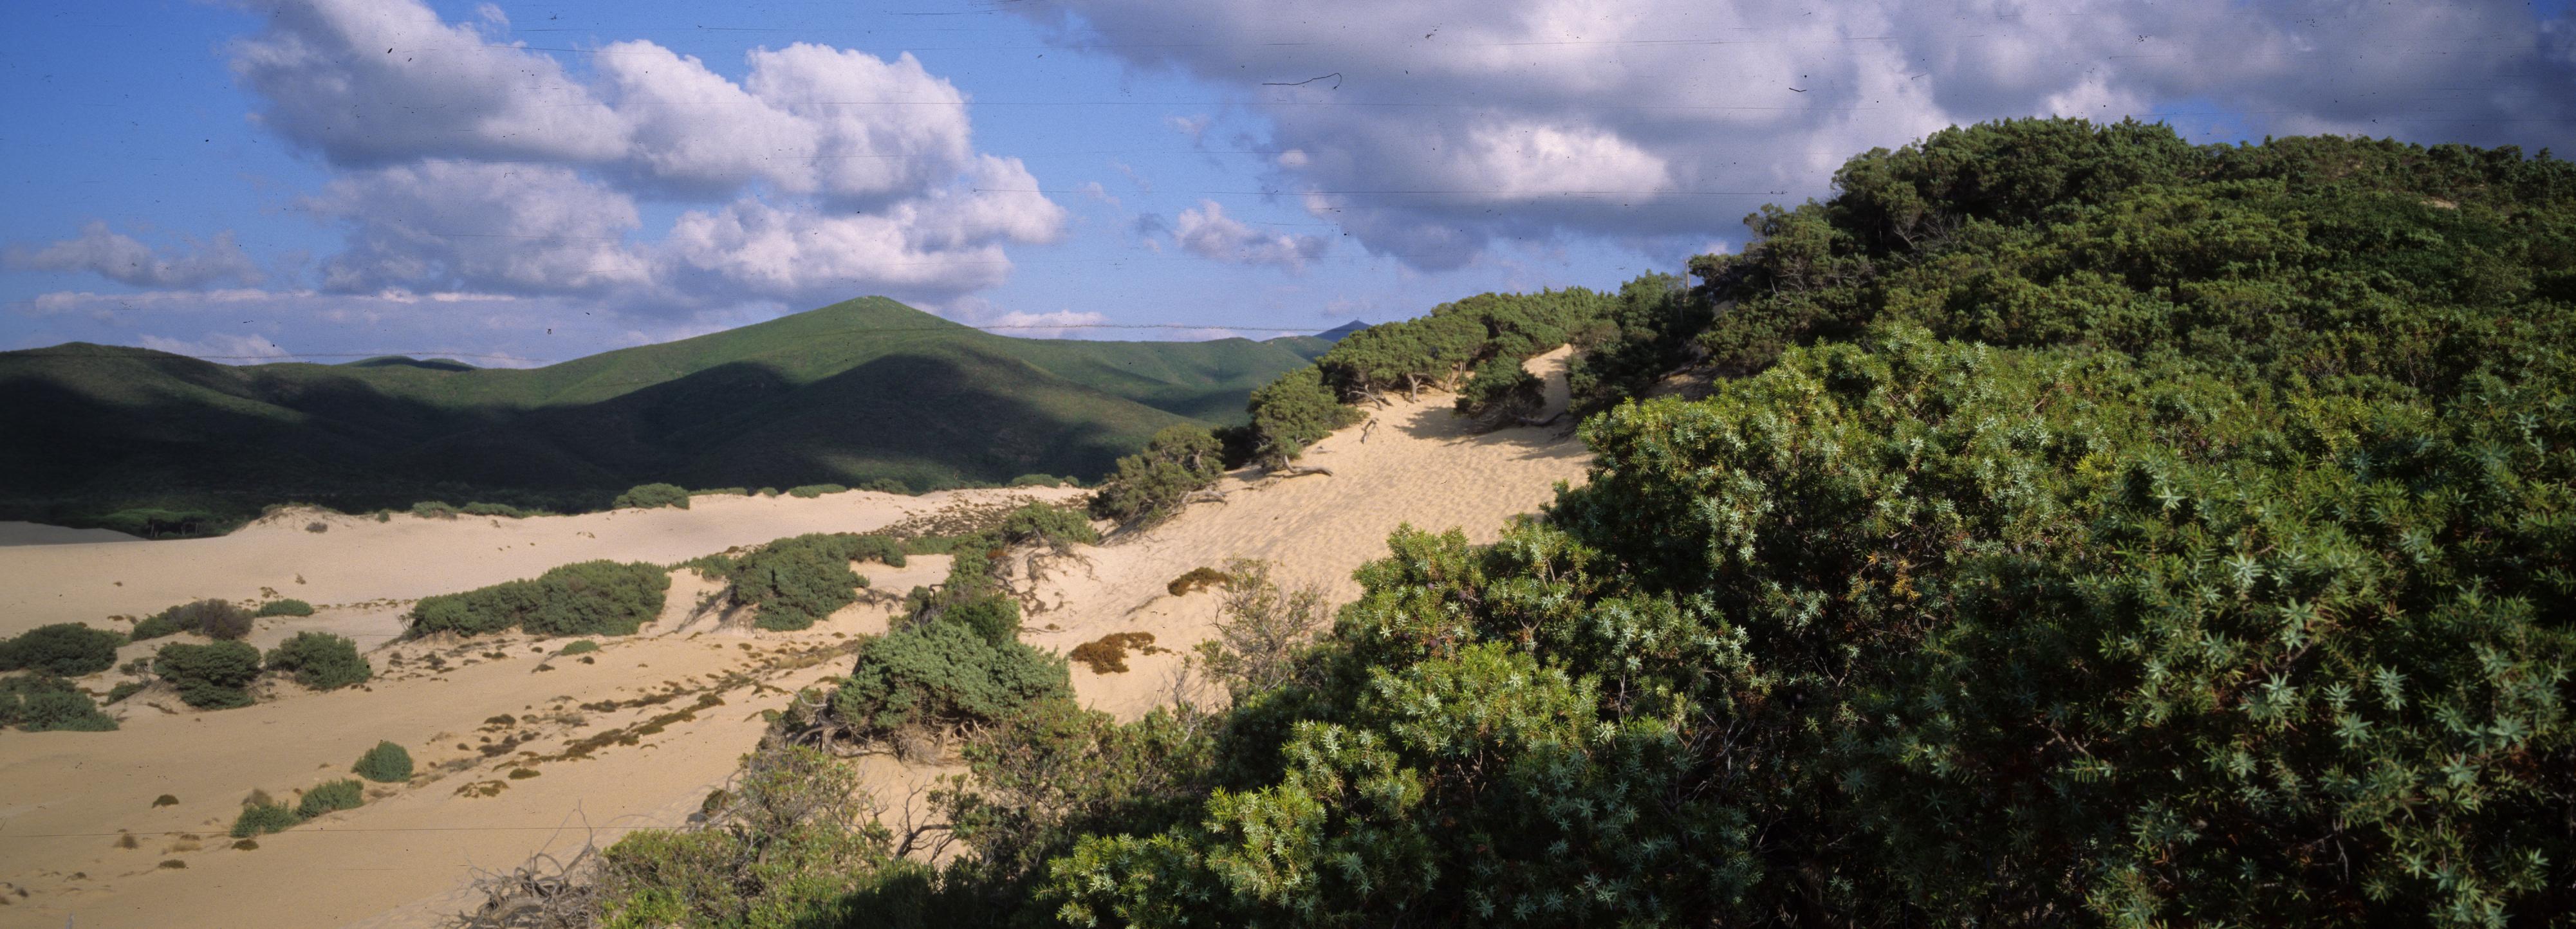 Anche l 39 italia ha il suo deserto ed e 39 in sardegna for Subito it arredamento sardegna